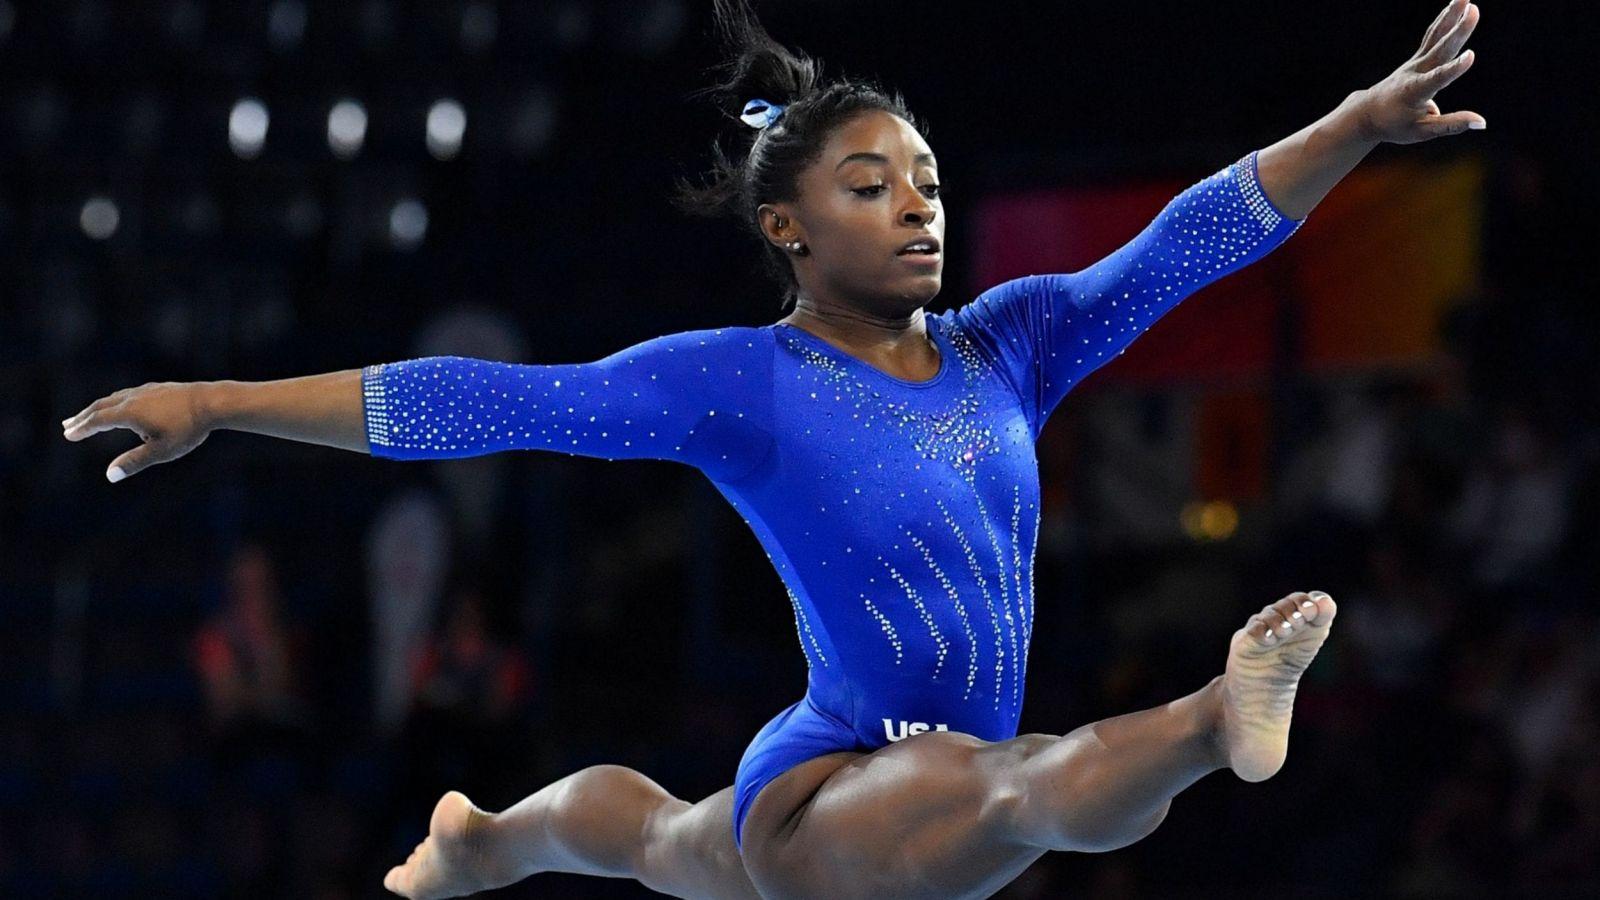 Η 23χρονη αθλήτρια – φαινόμενο Simone Biles μηνύει την Ολυμπιακή Επιτροπή για σεξουαλική κακοποίηση